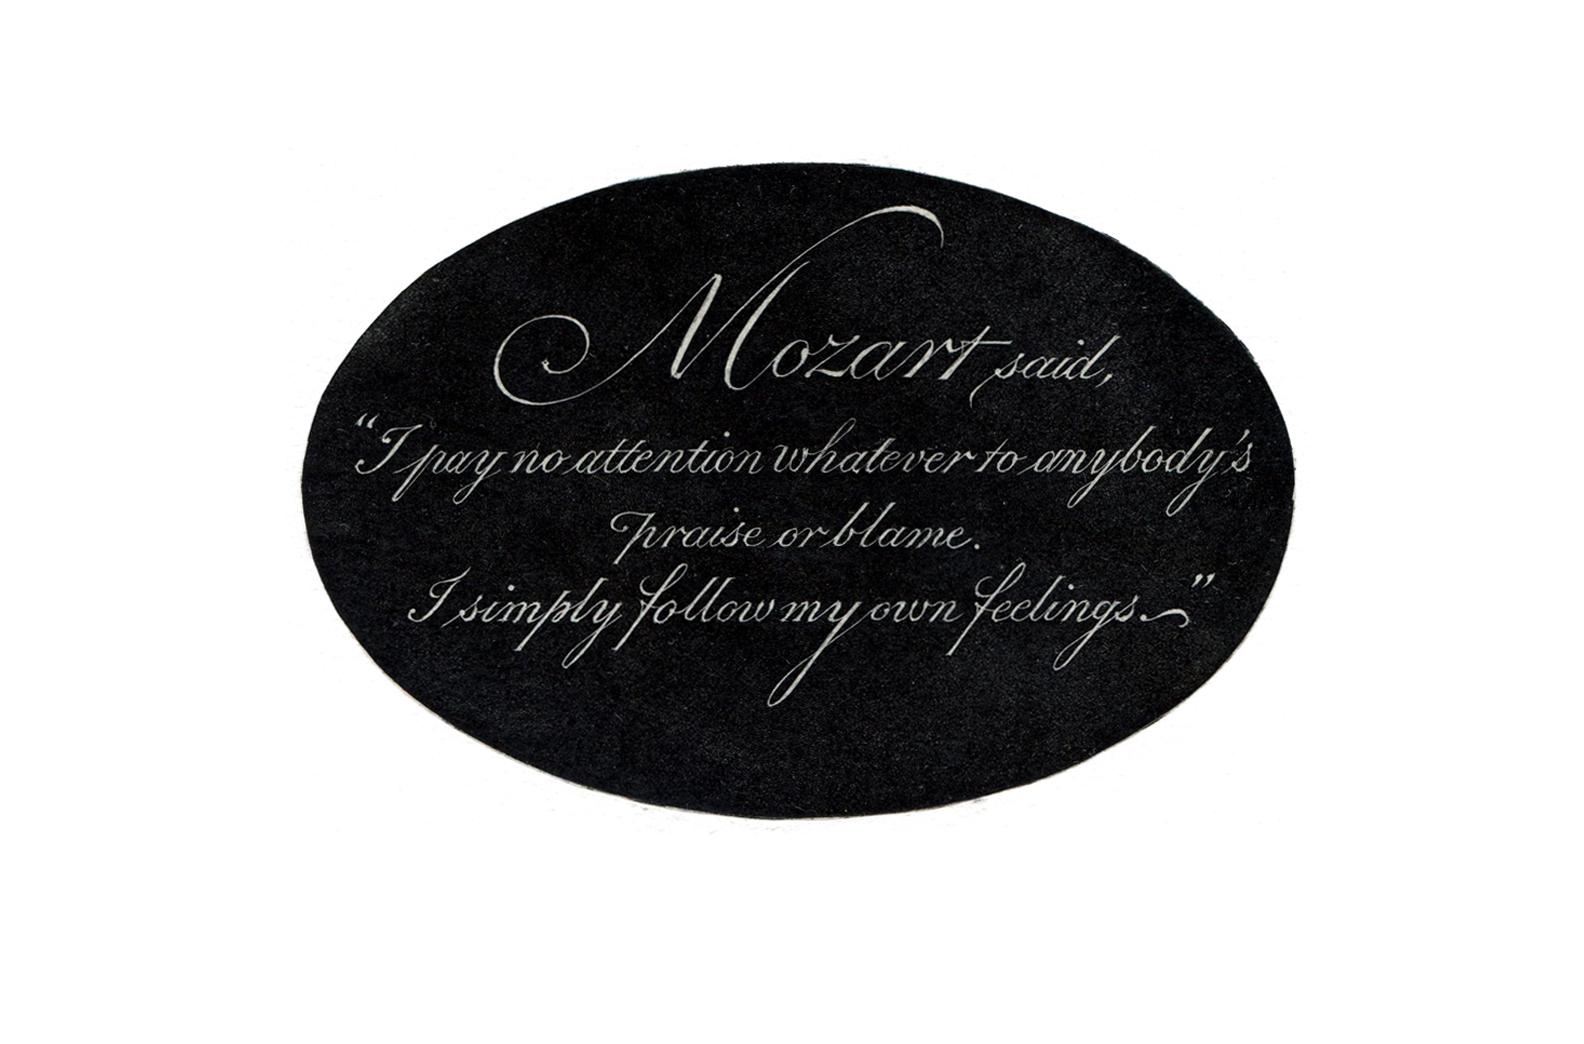 Mozart said